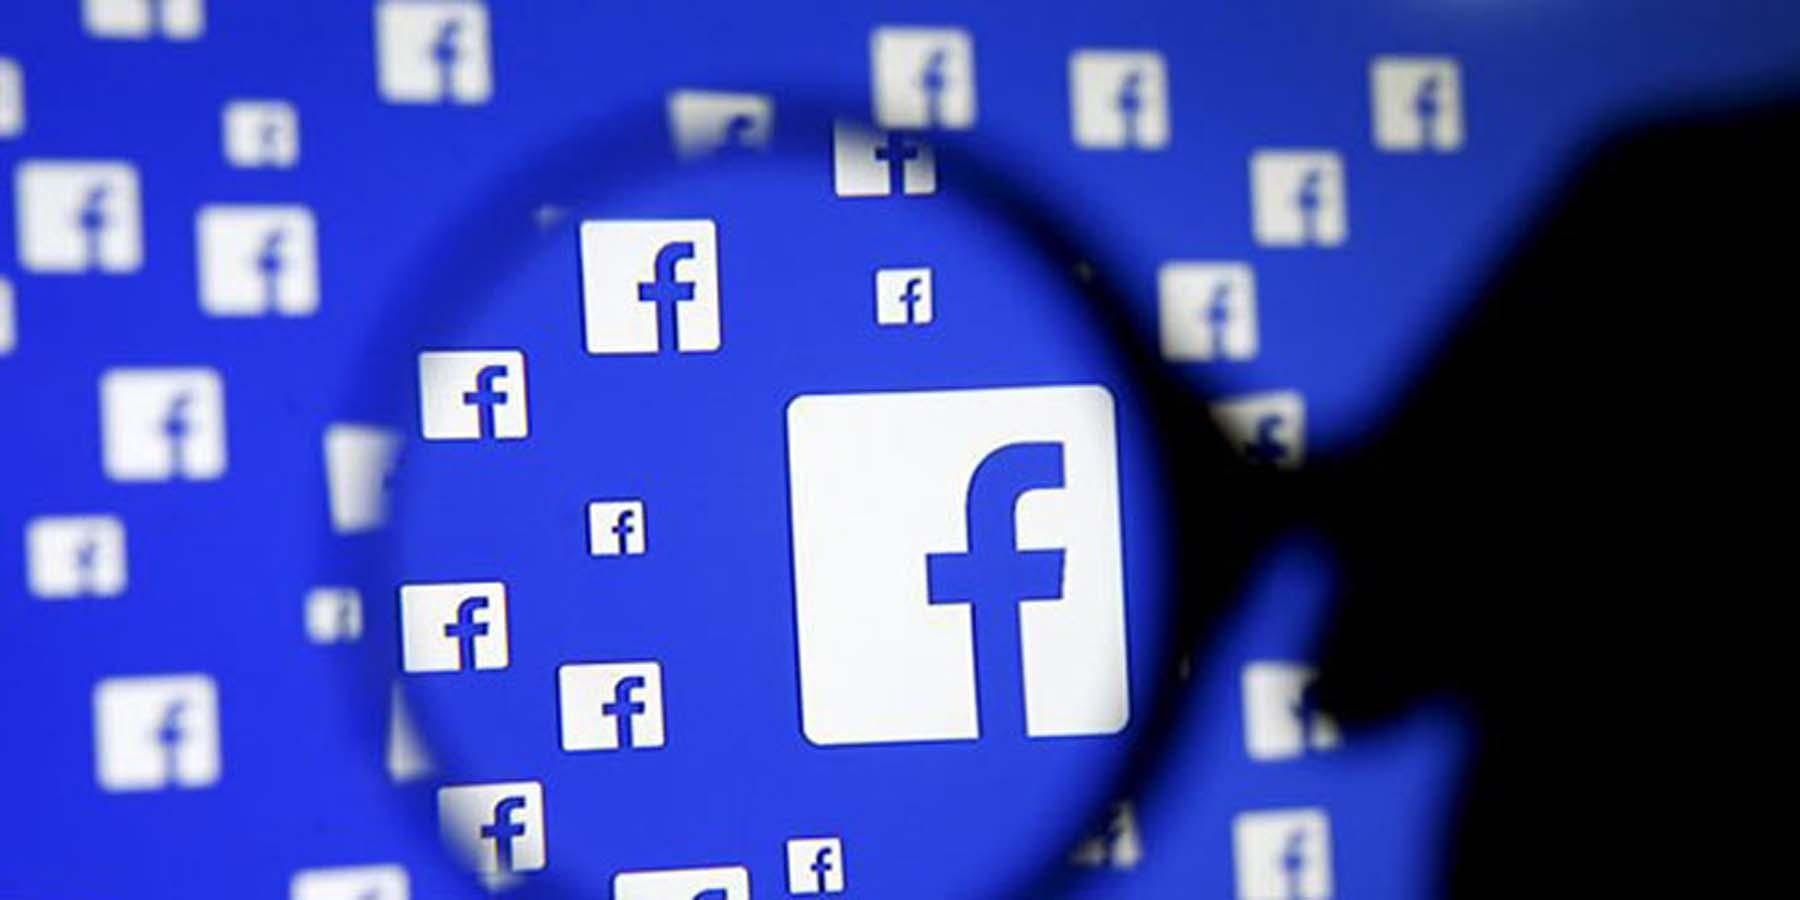 Facebook Paylaşımlarından Disiplin Cezası Verilmesi Mahkemeden Döndü